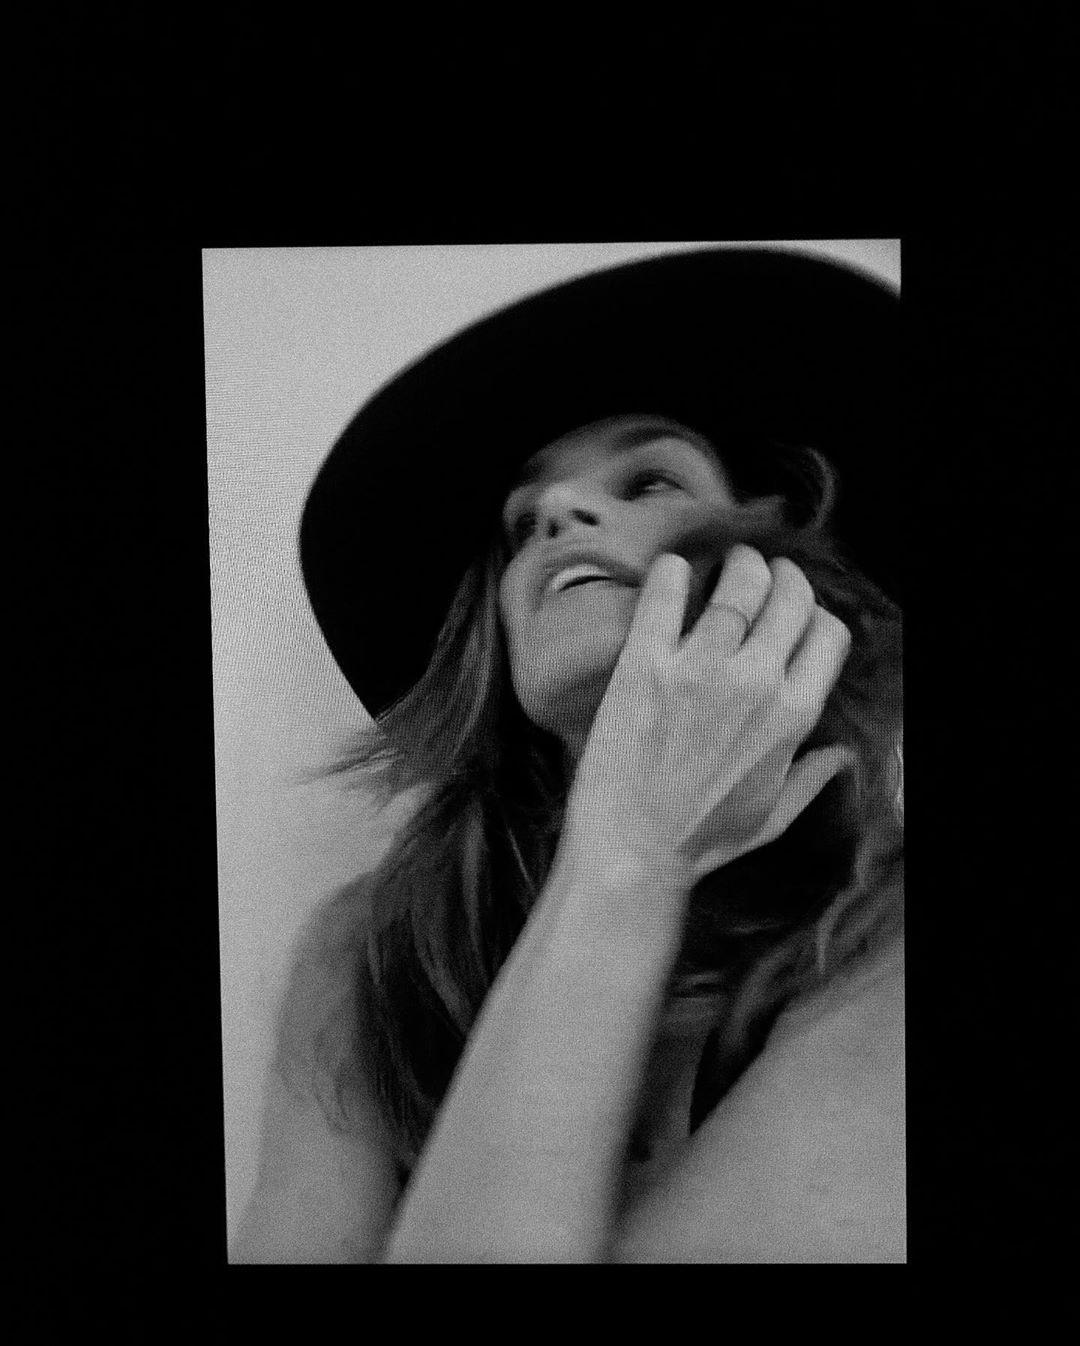 Η Σίντι Κρόφορντ με καπέλο